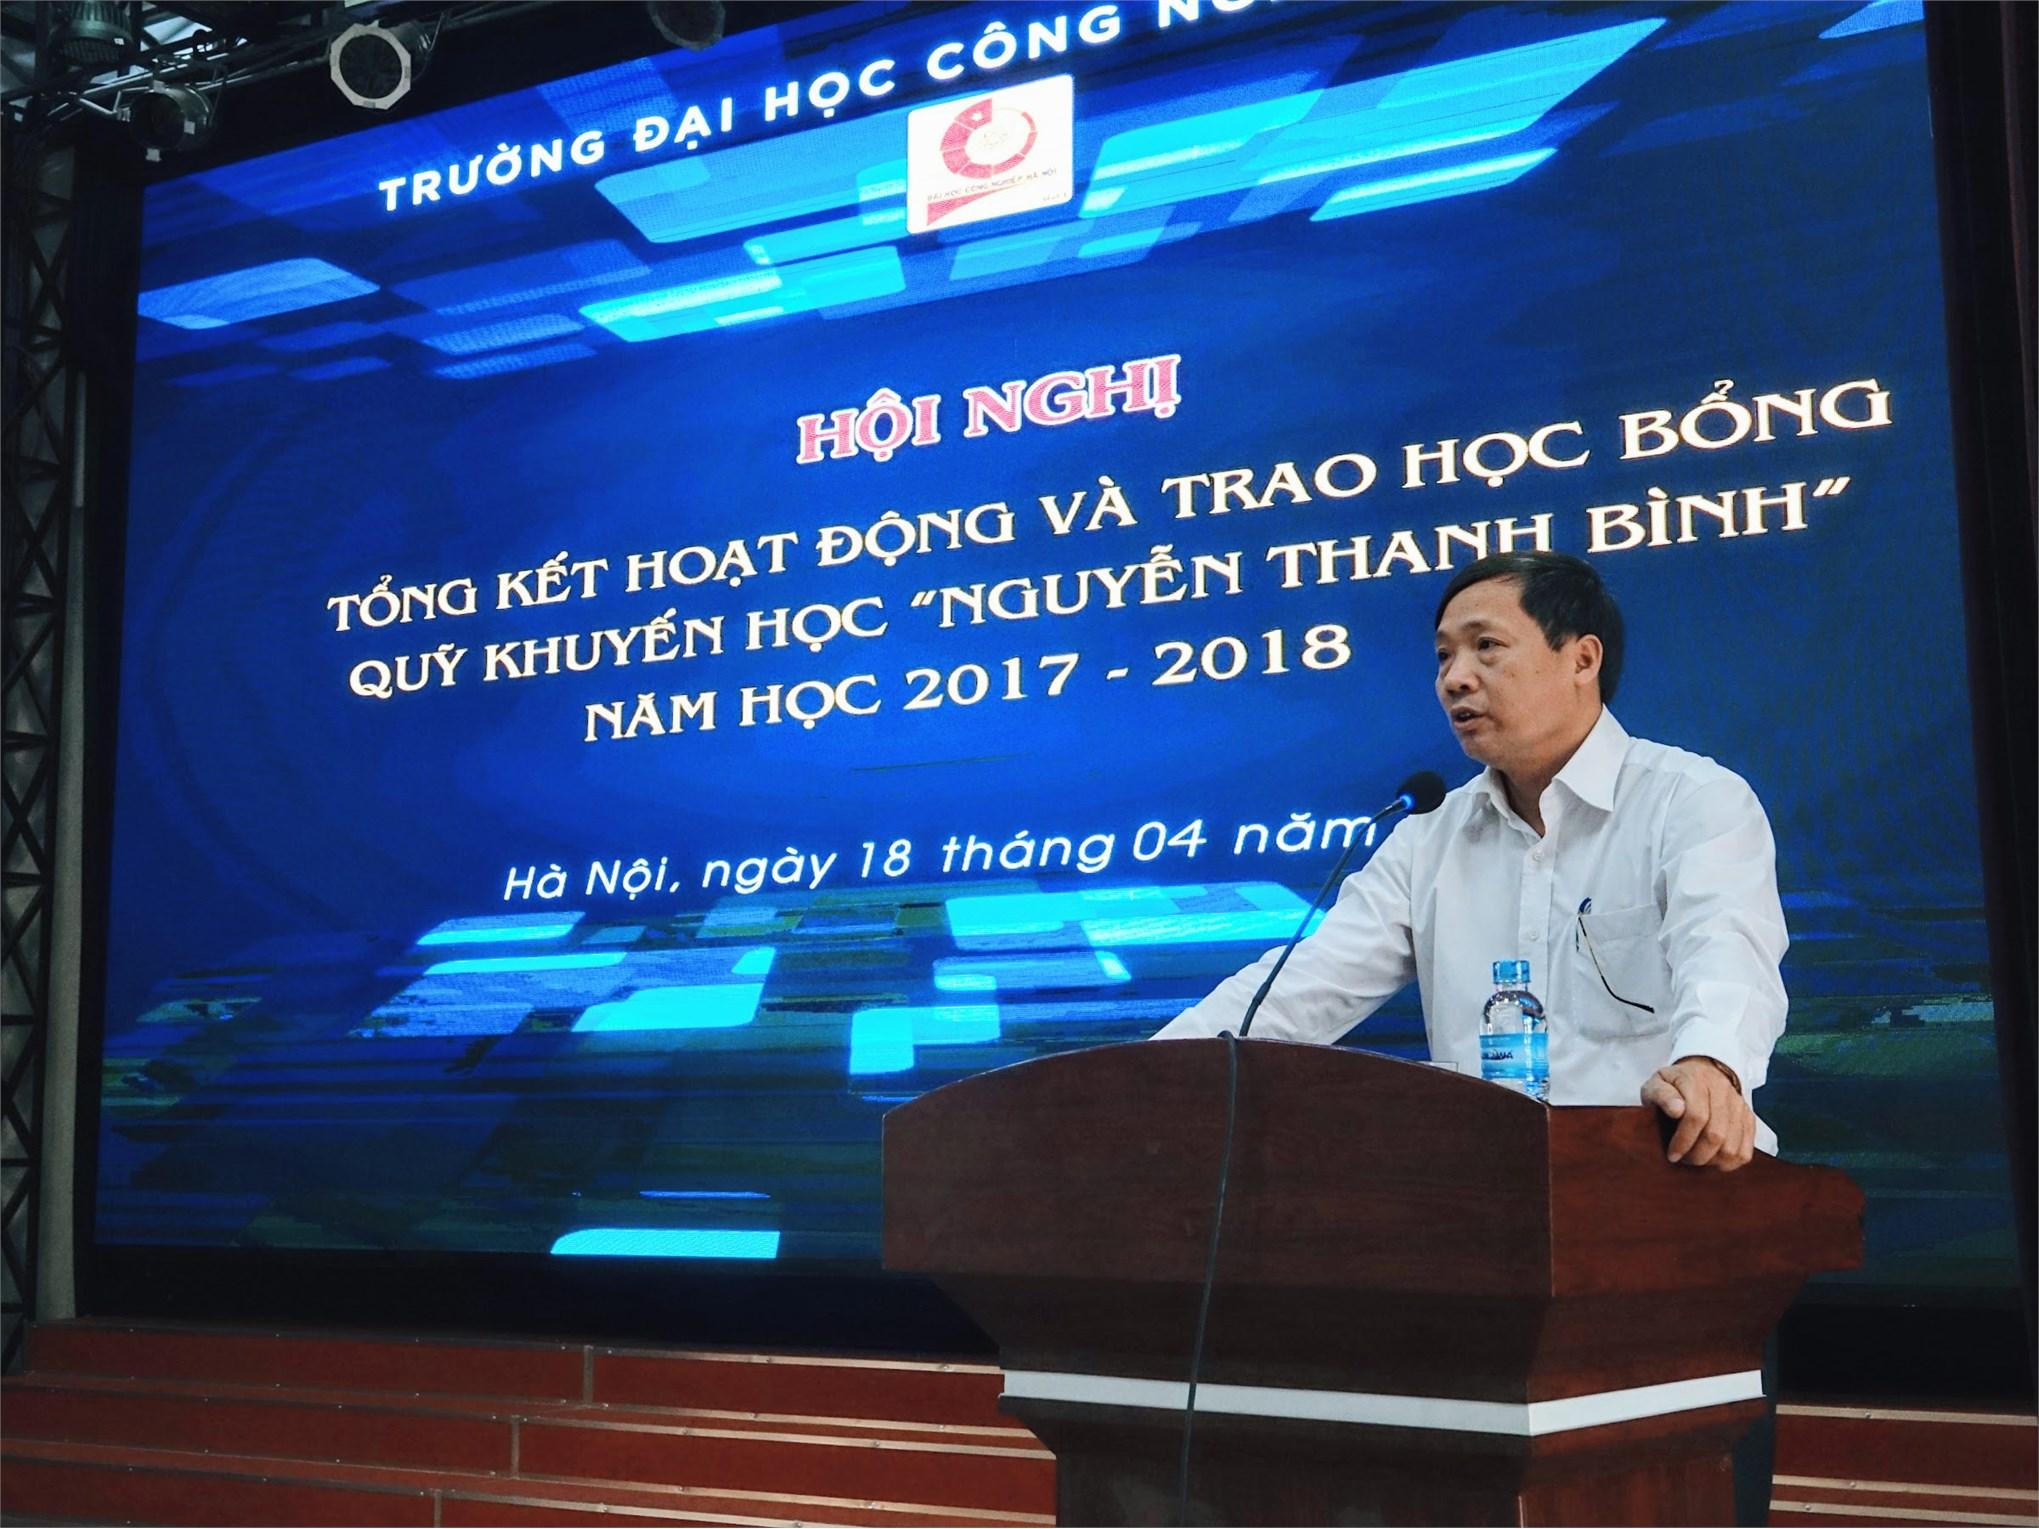 Quỹ khuyến học Nguyễn Thanh Bình đạt số dư 6,2 tỷ đồng